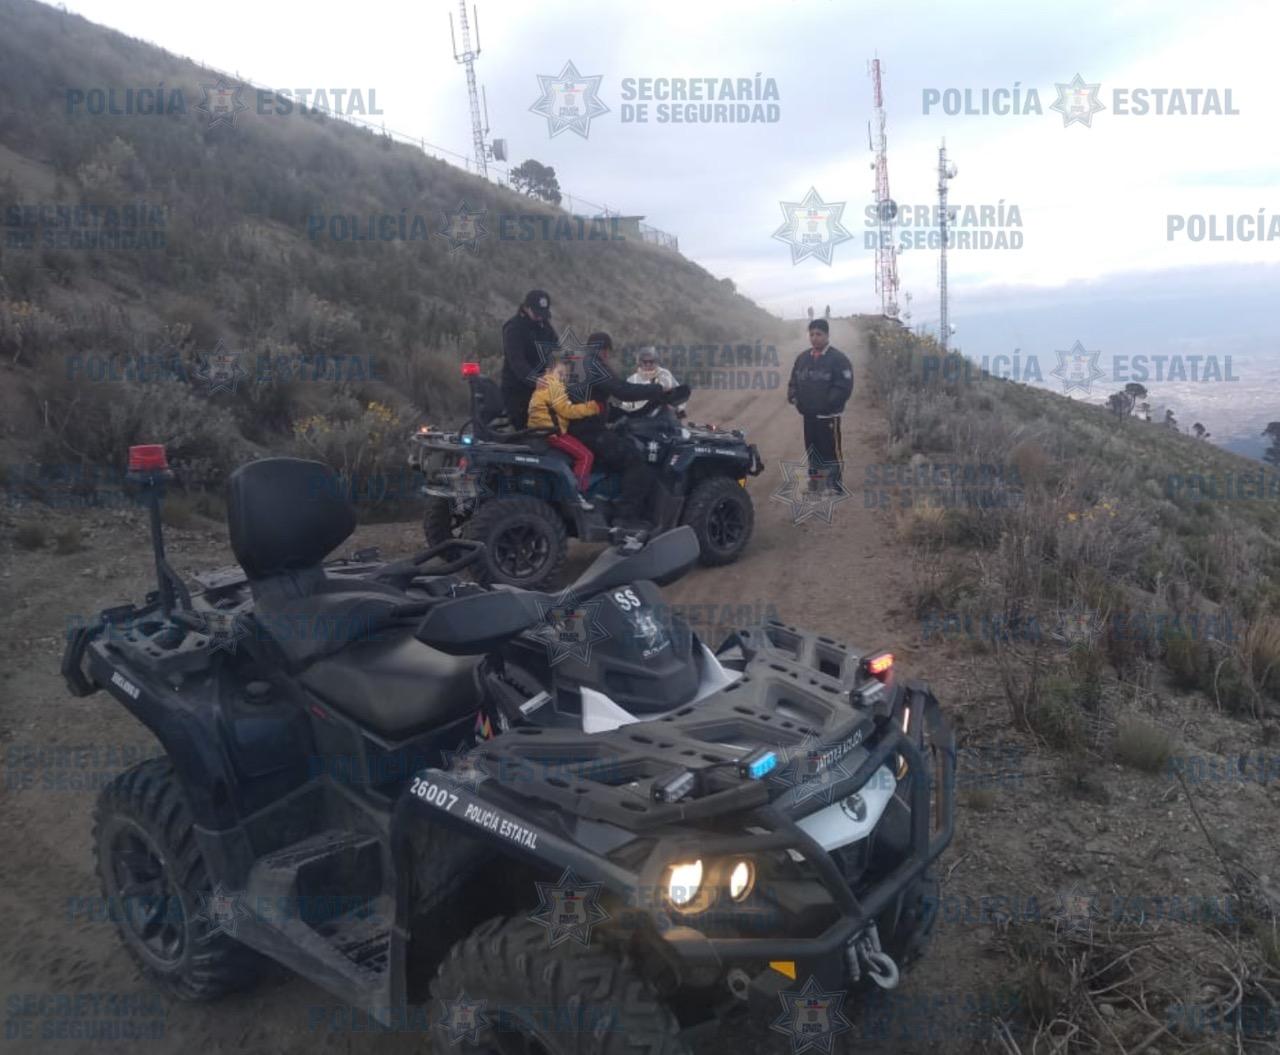 SECRETARÍA DE SEGURIDAD BRINDÓ AUXILIO A MENOR EN EL NEVADO DE TOLUCA